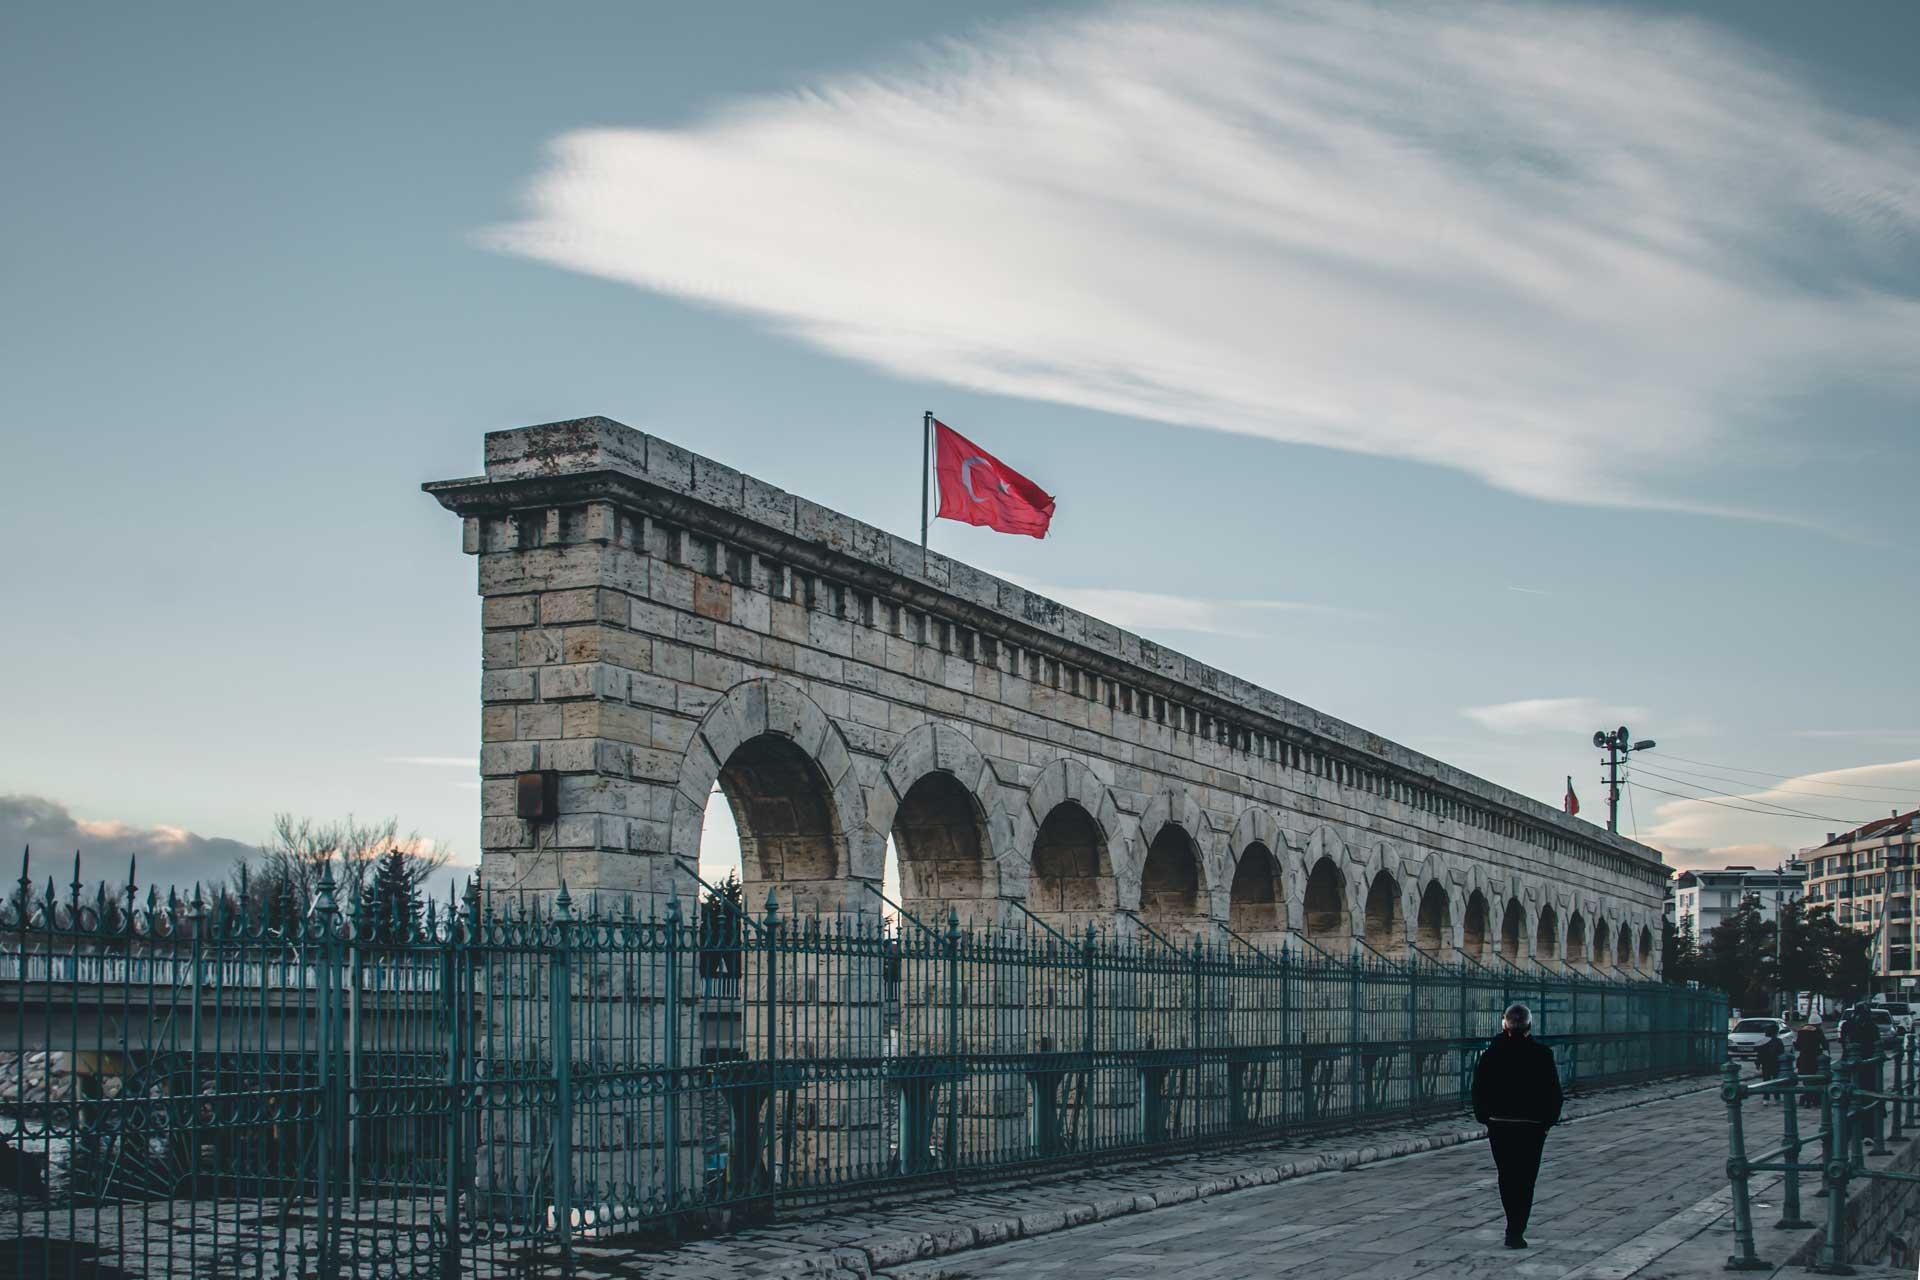 Beyşehir Fotoğrafları Taşköprü Bayrak ve Yürüyen Adam Çekergezer Hakan Aydın Fotoğrafları